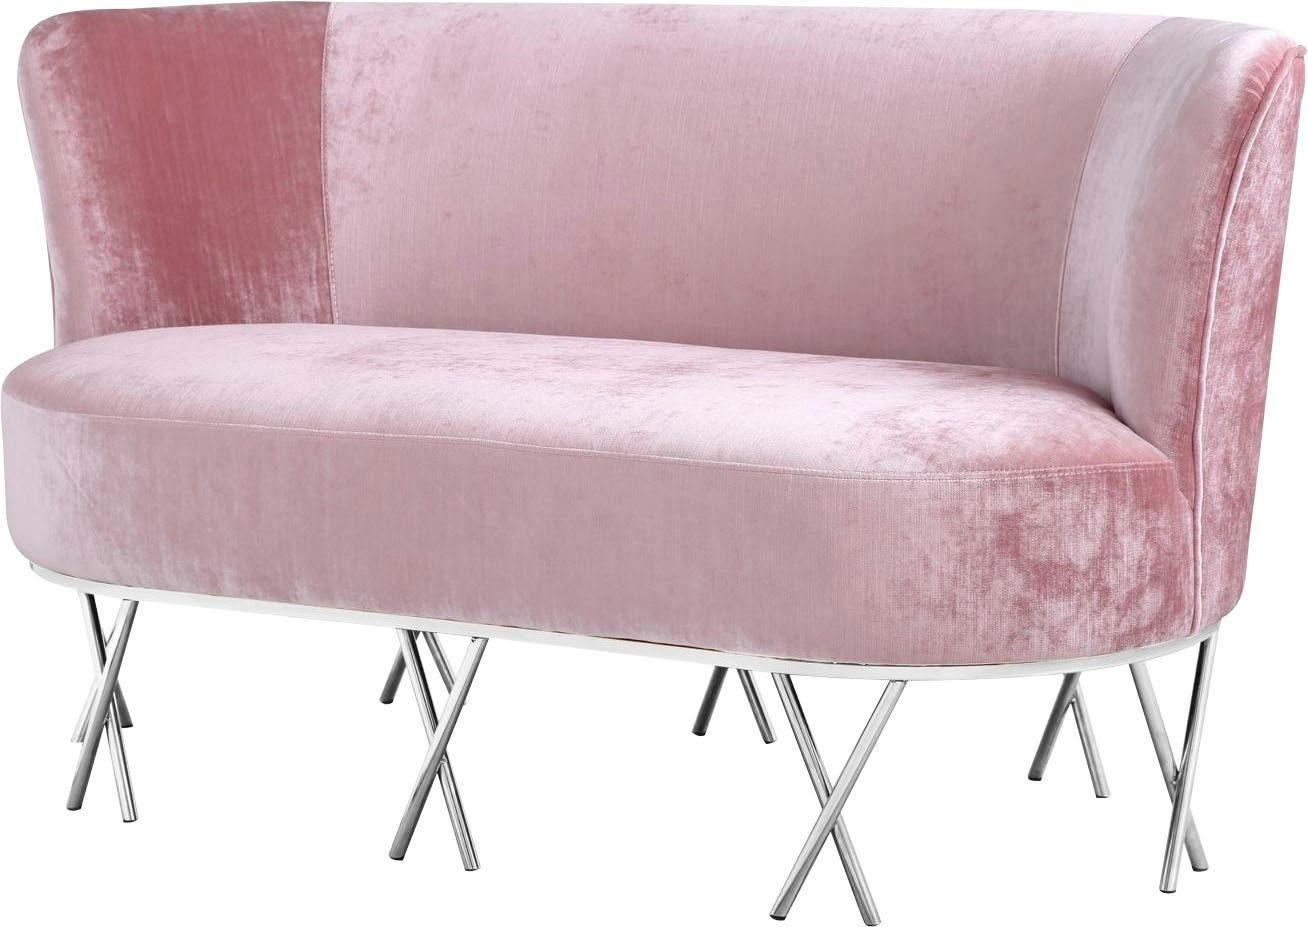 Home affaire Sofa »Scarlett« mit chromfarbenen Metallfüßen